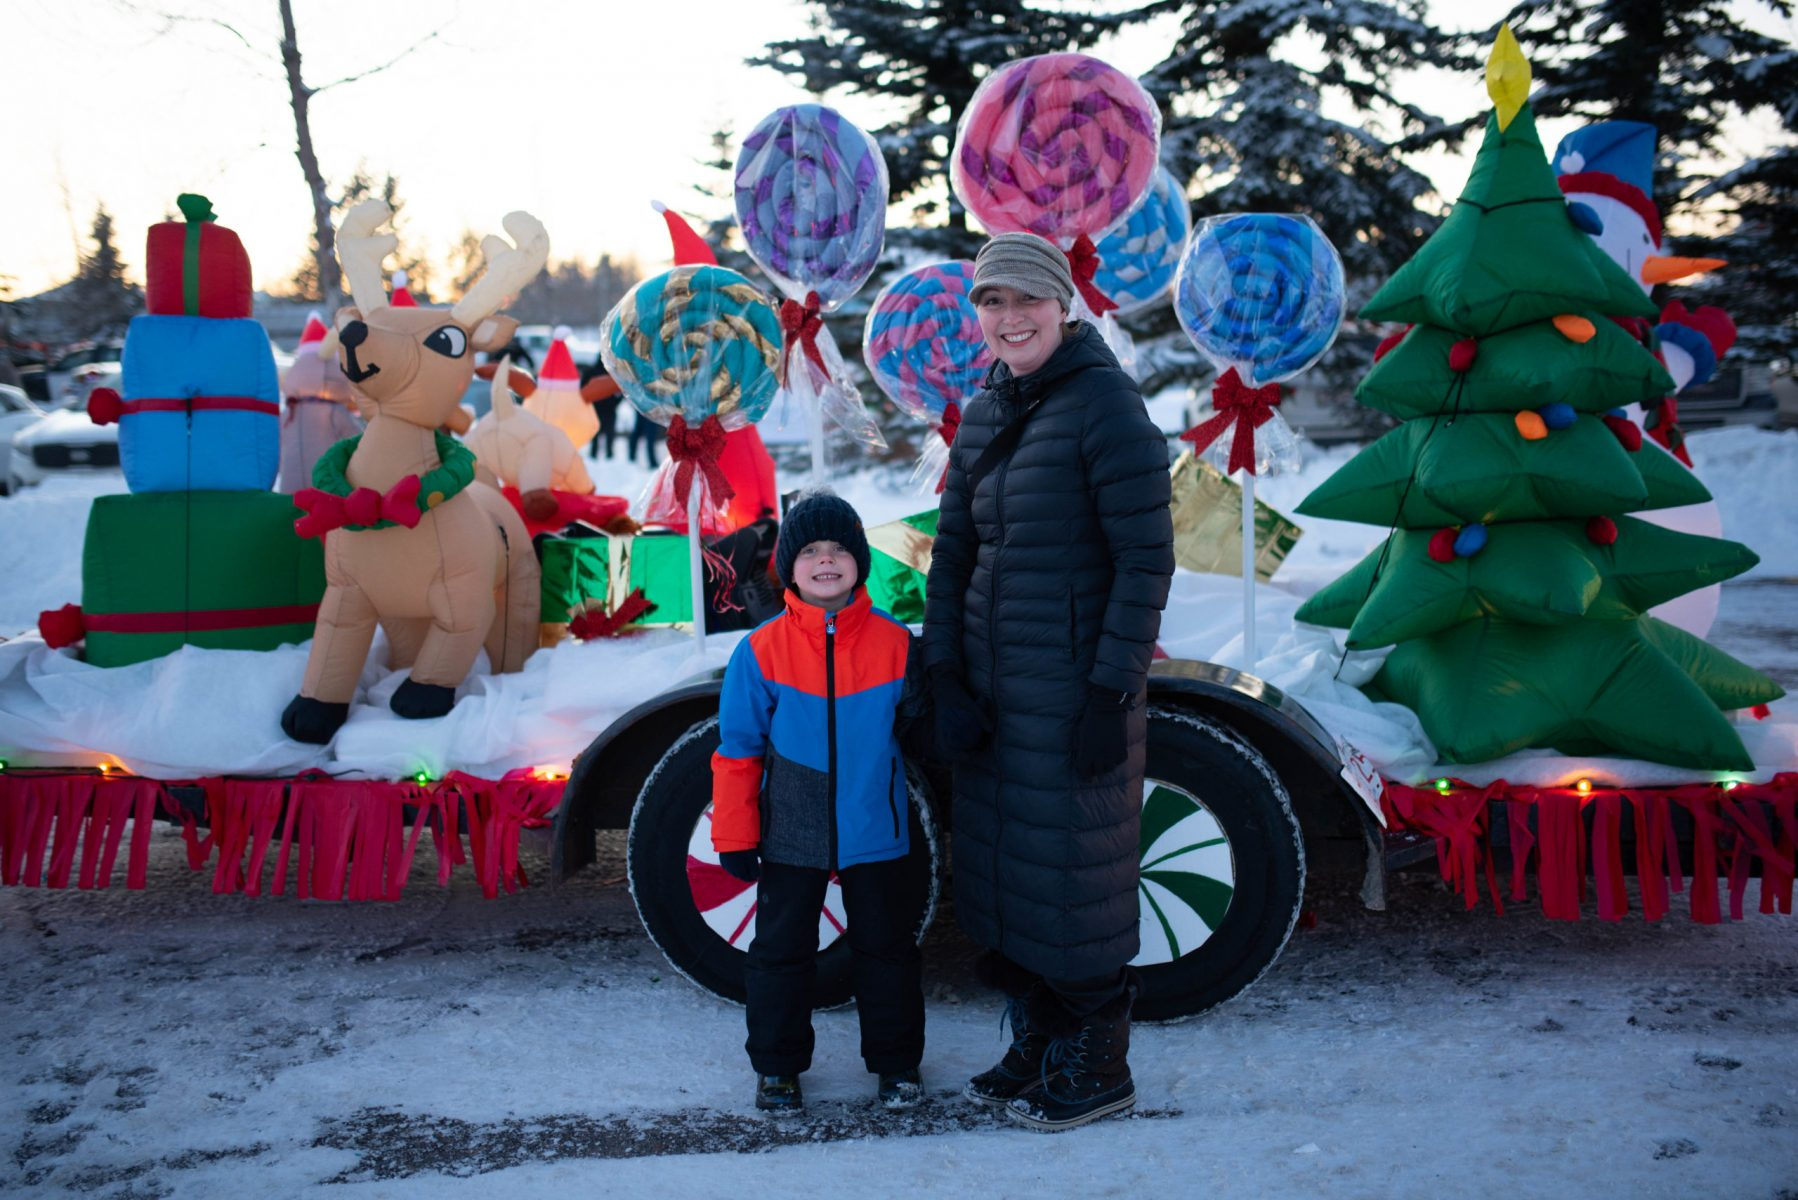 Auburn-Bay-Christmas-Parade-2019-19-scaled